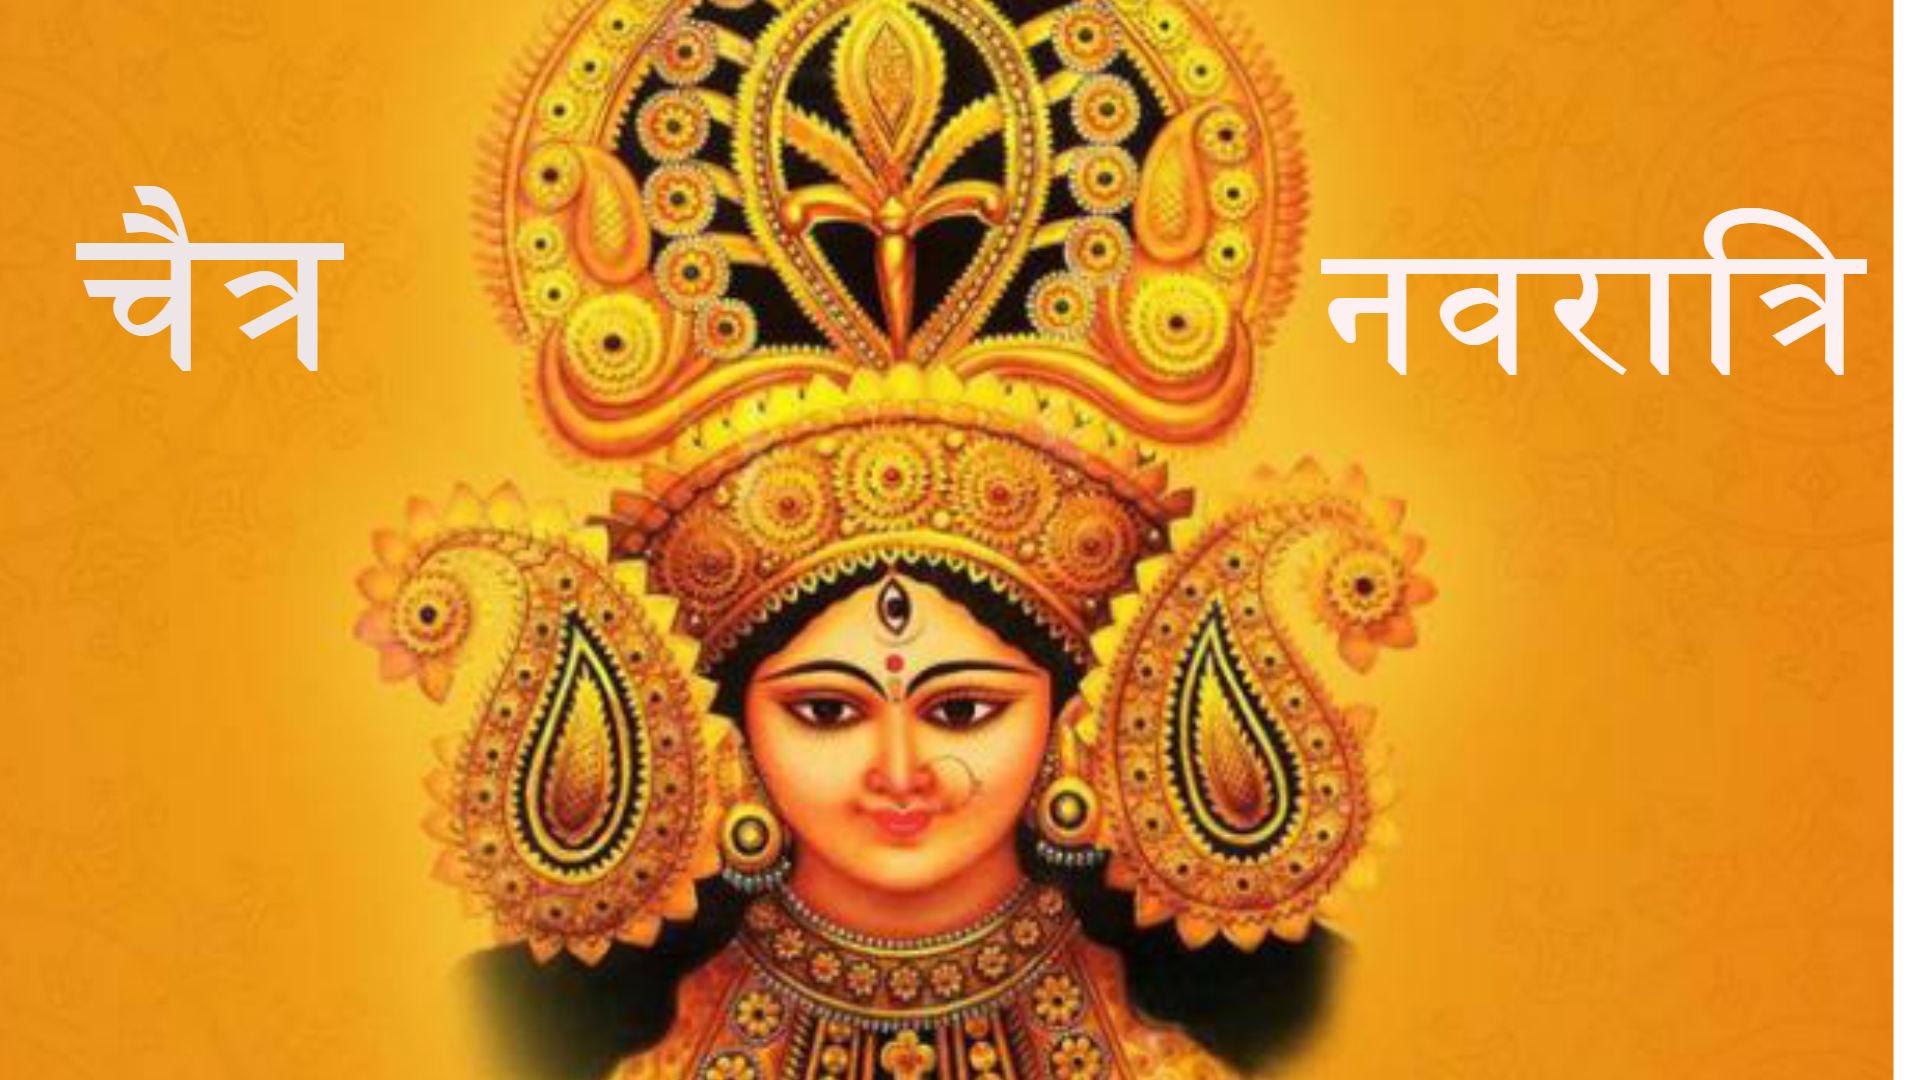 चैत्र नवरात्रि 2019: मां दुर्गा की प्रर्थना से लेकर पूजा की विधि और शुभ मुहूर्त तक, जानिए हर एक खास जानकारी